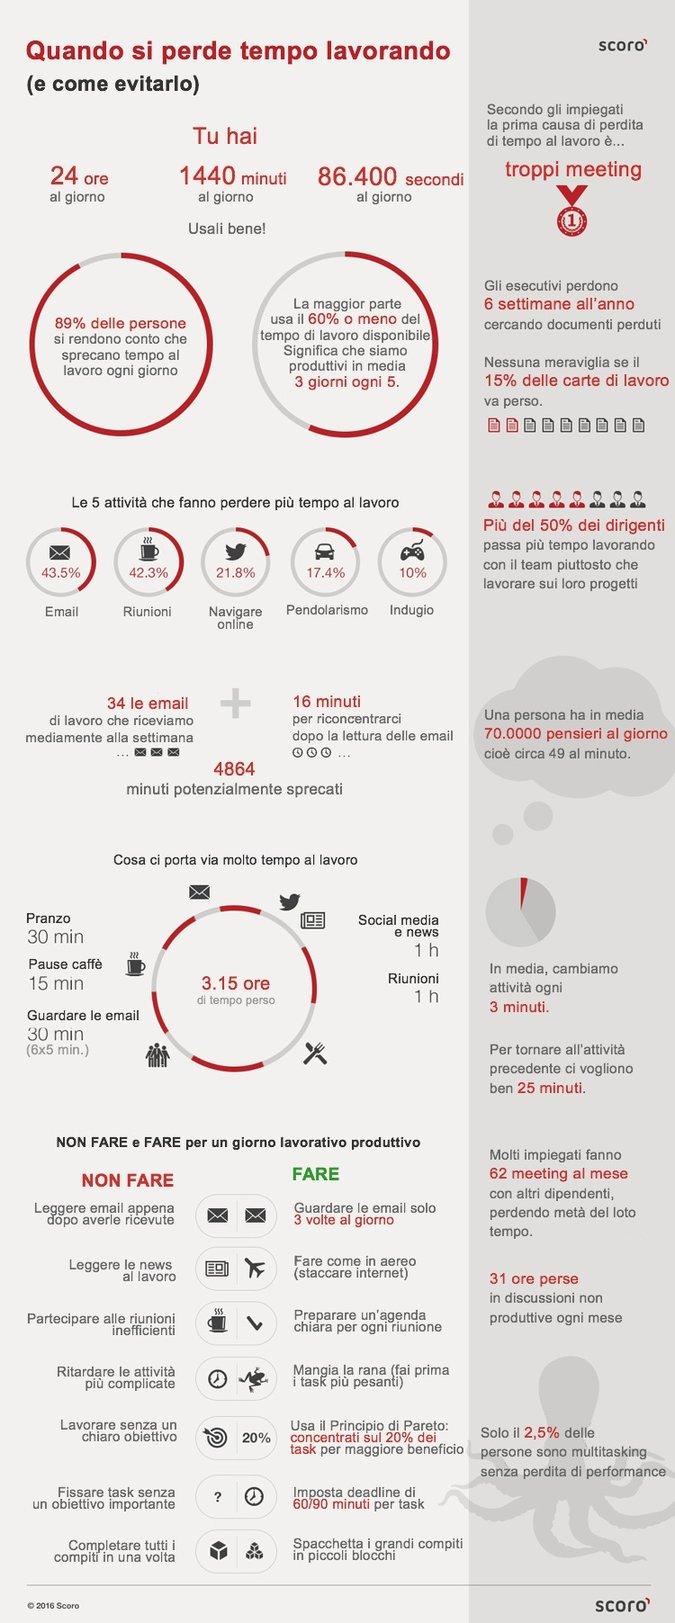 dove perdiamo tempo lavoro infografica